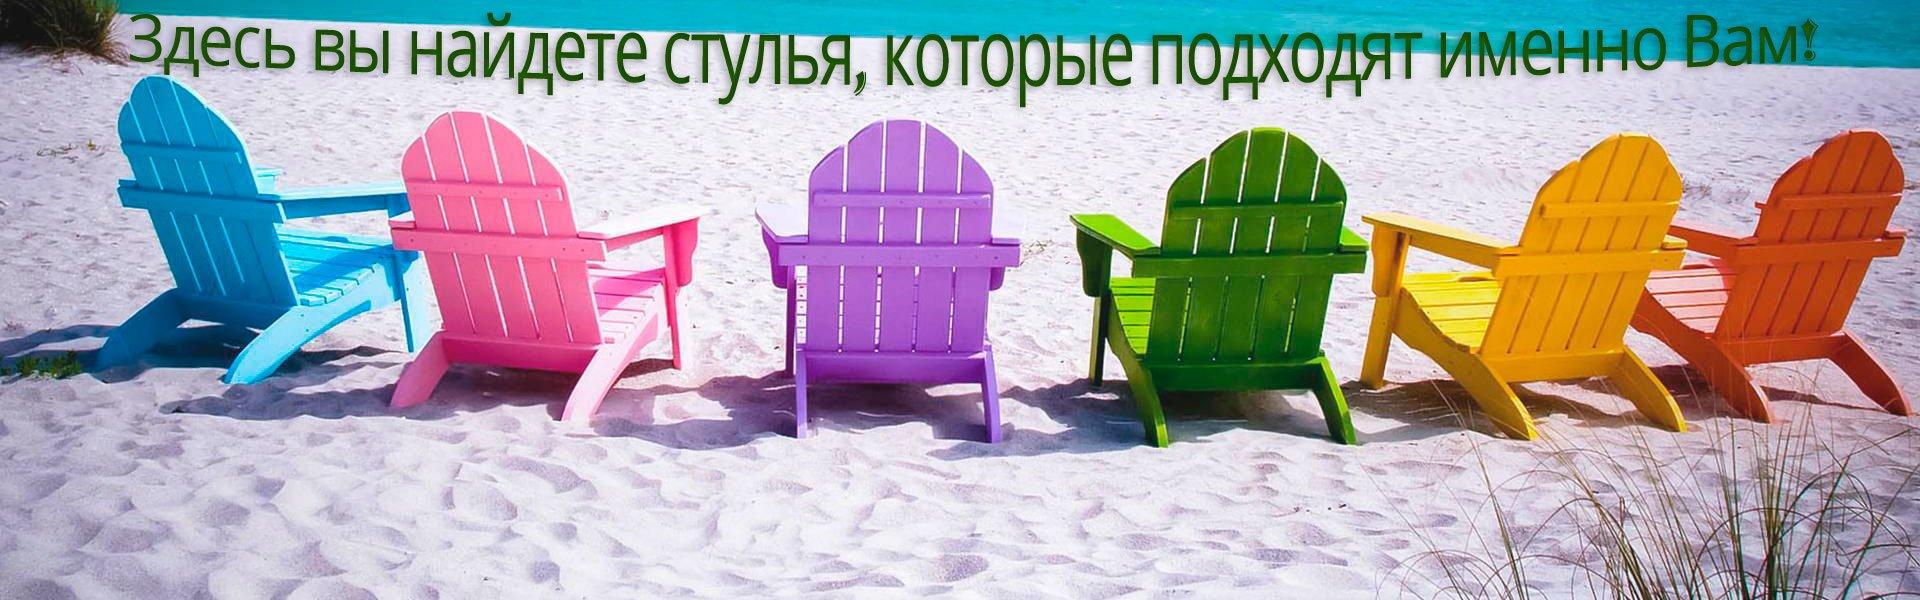 Stulya